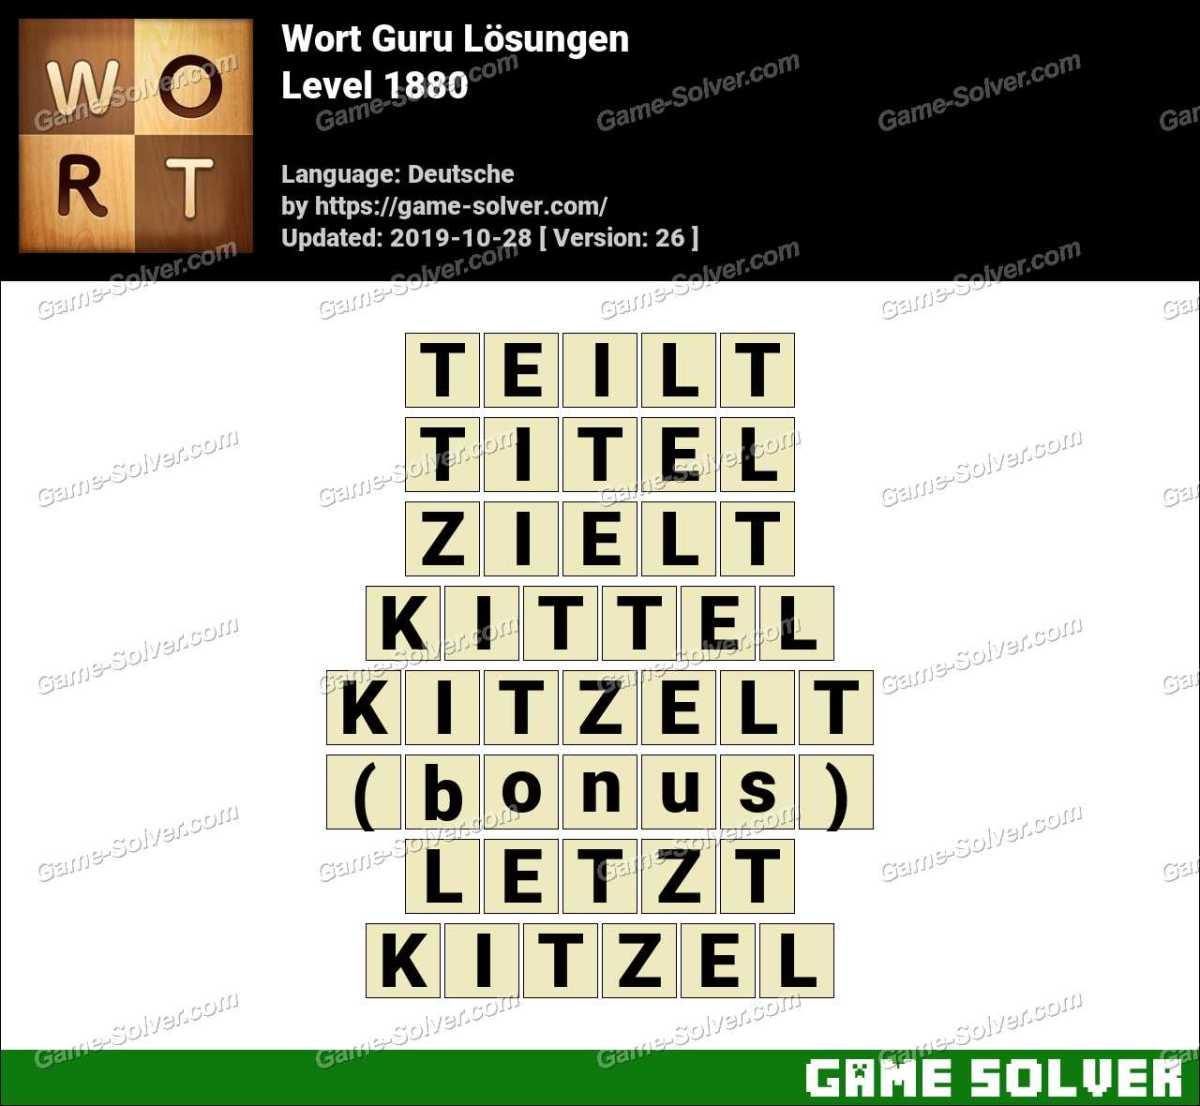 Wort Guru Level 1880 Lösungen